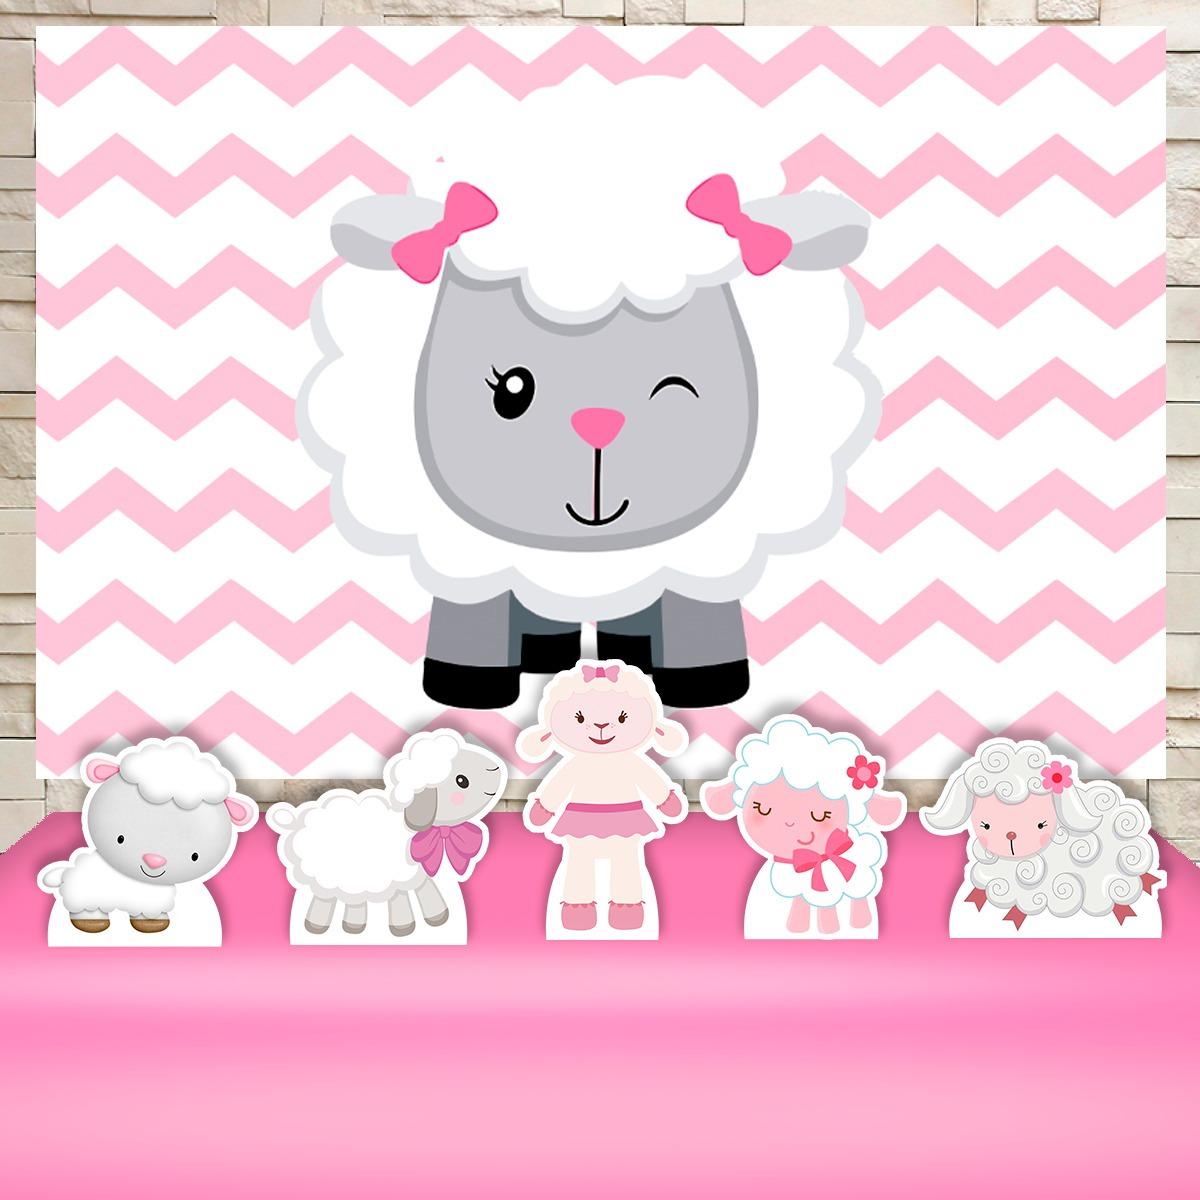 da48f1bd4 kit prata festa infantil chá de bebê ovelhinha rosa. Carregando zoom.